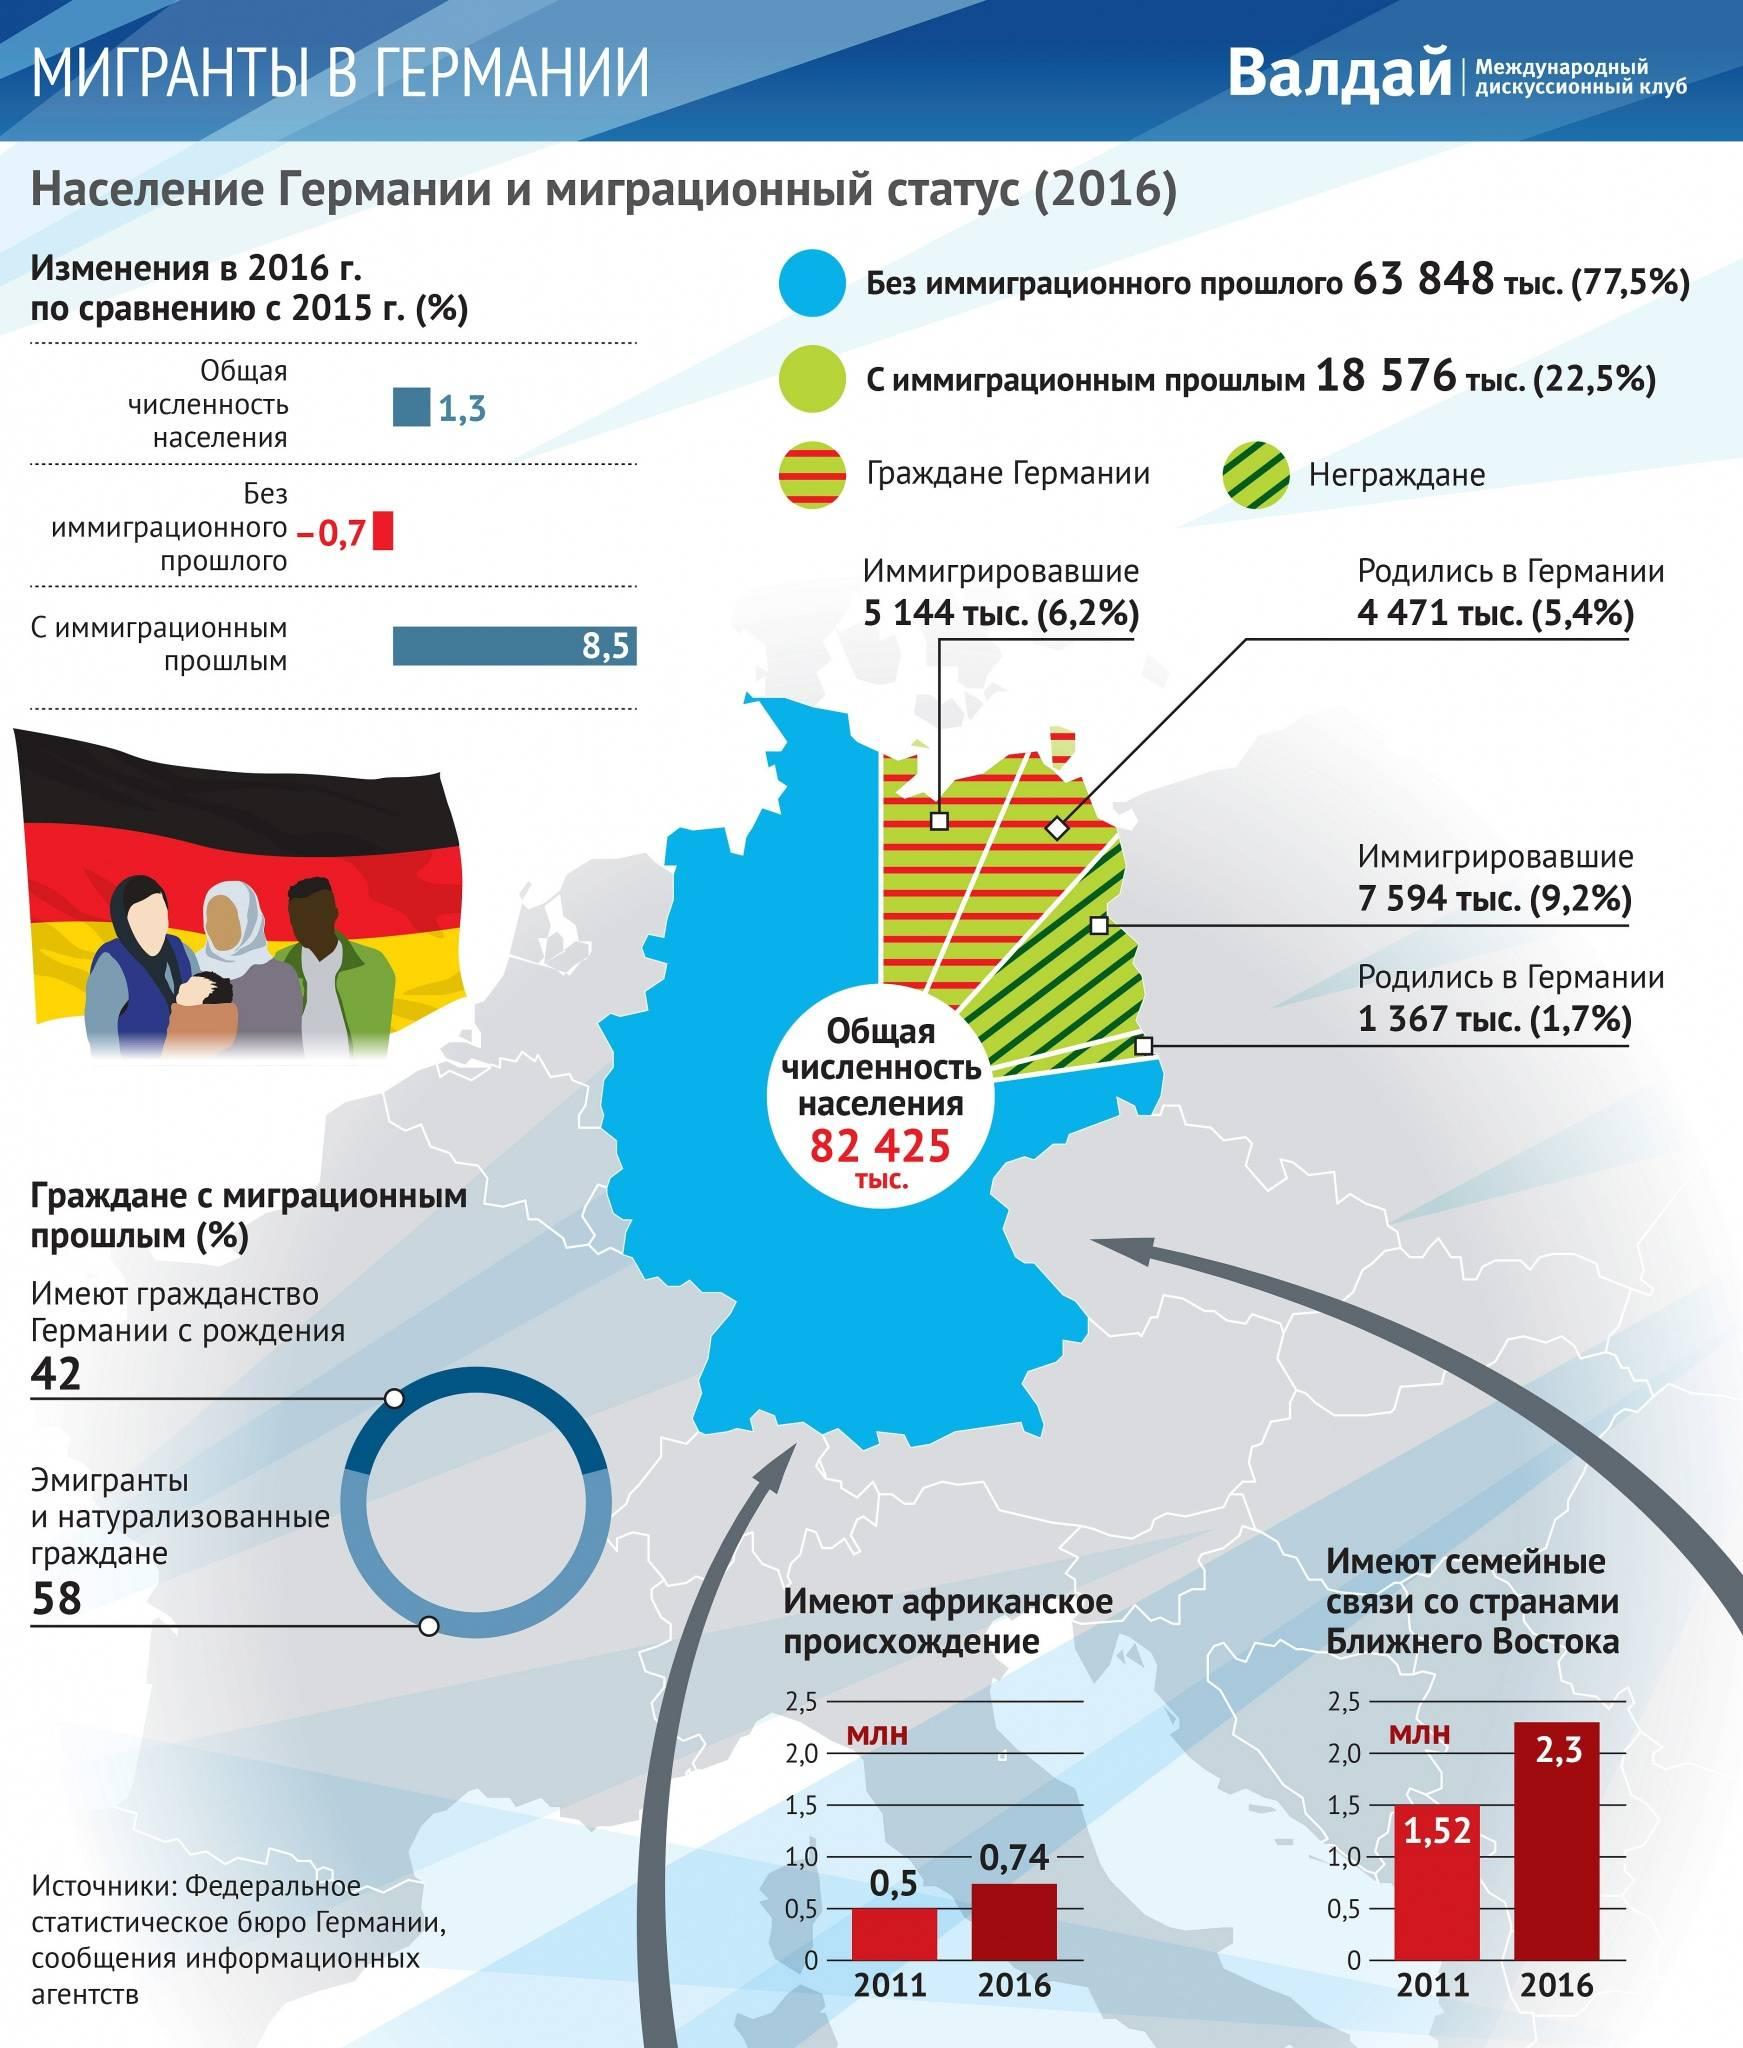 Пособия в германии на 2021, 2020 год: размер социальной помощи, виды пособий